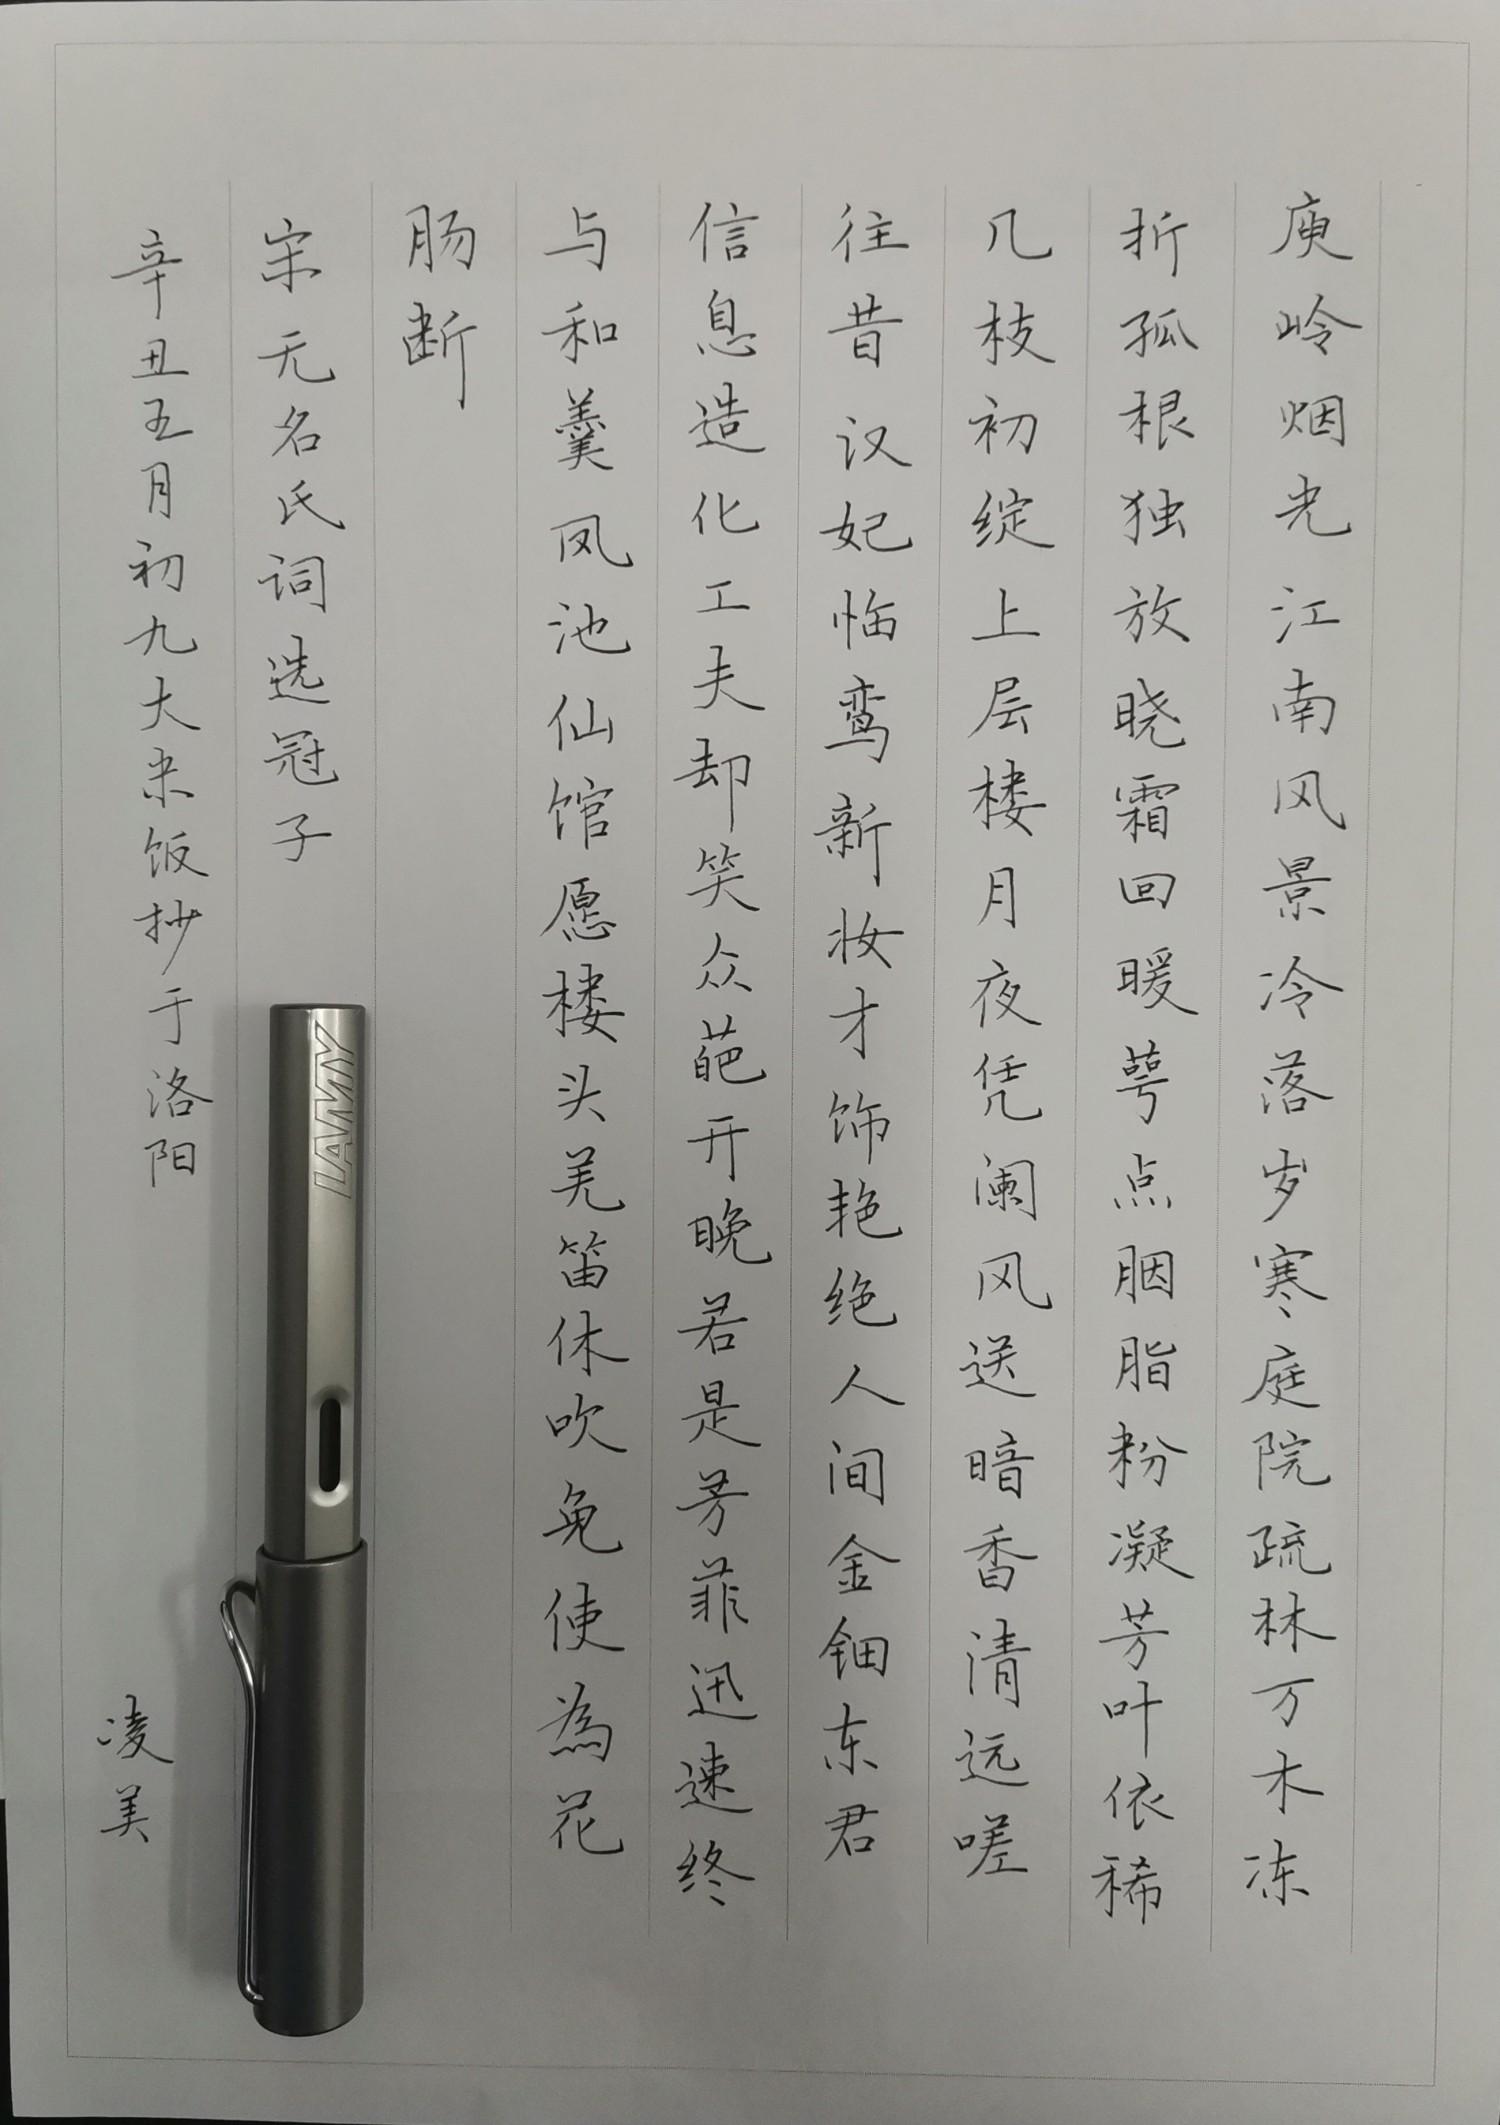 钢笔书法练字打卡20210622-05